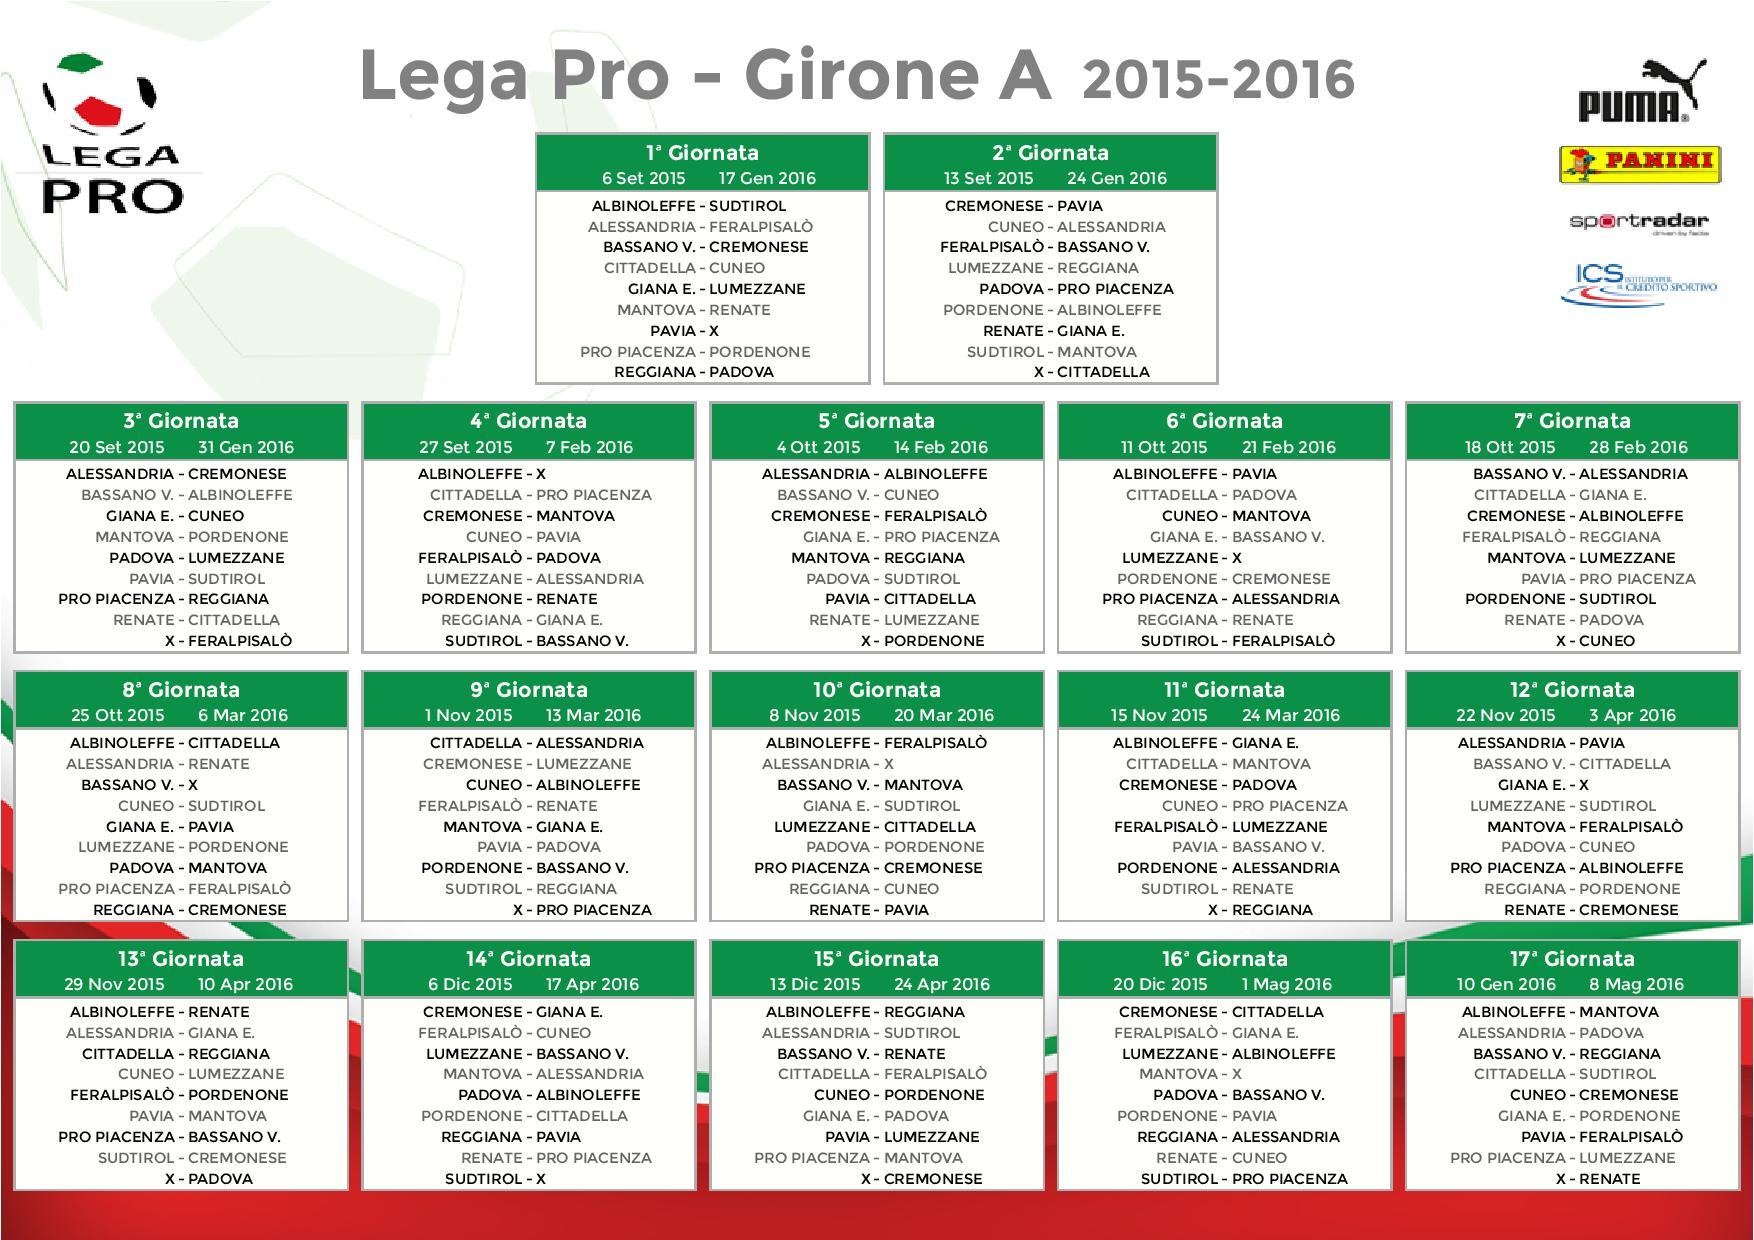 Calendario Pordenone Calcio.Pavia Calcio Calendario Partite Legapro Girone A 2015 2016